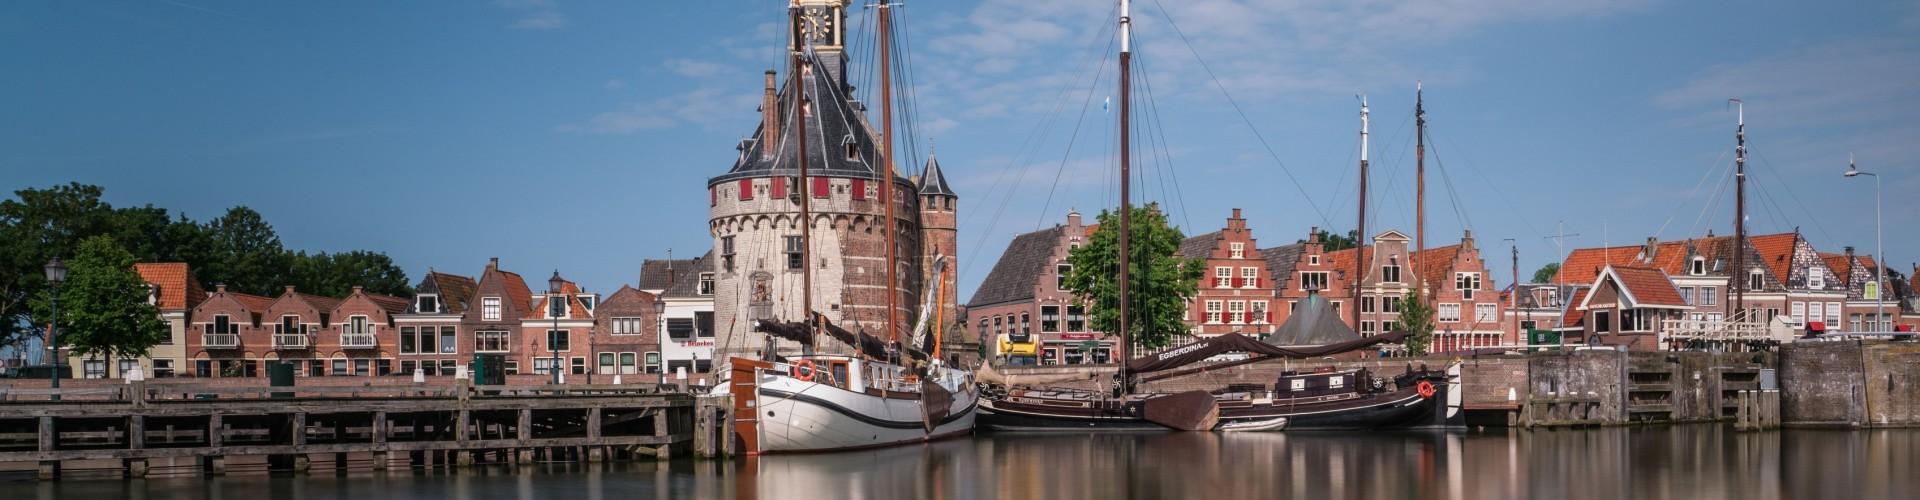 Hypotheekadvies in Noord-Holland